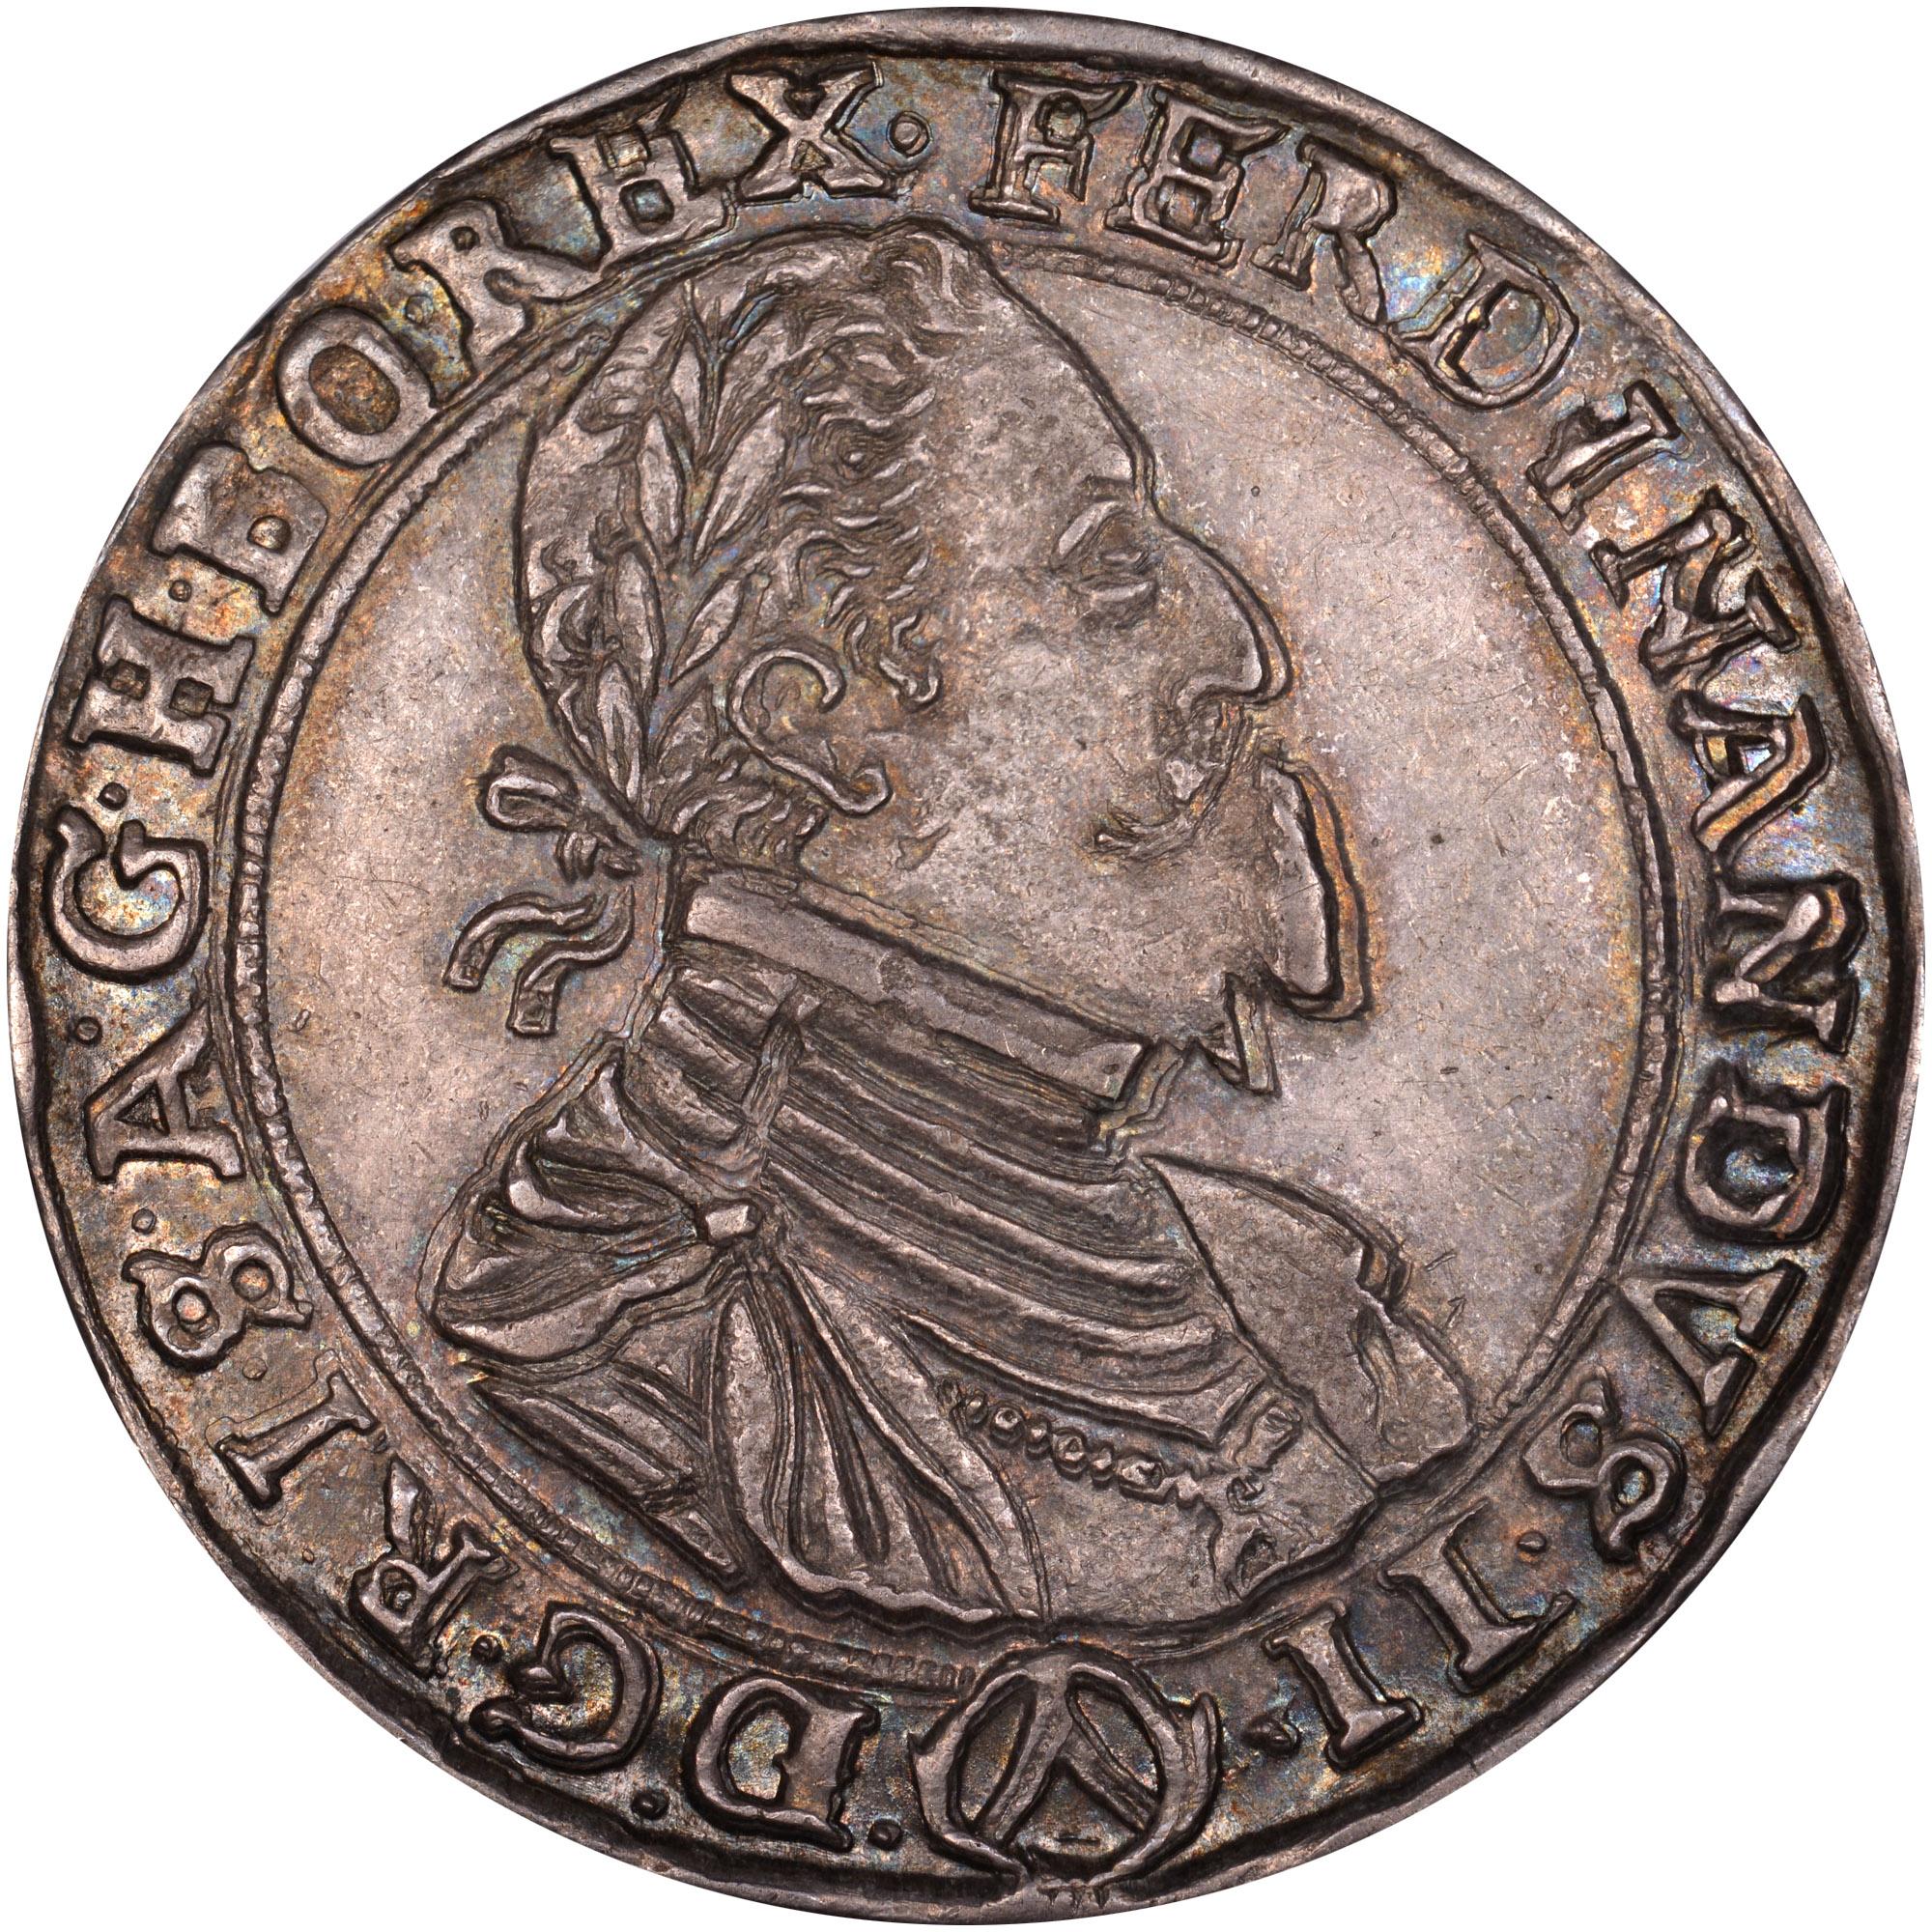 1625-1638 Austria Thaler obverse